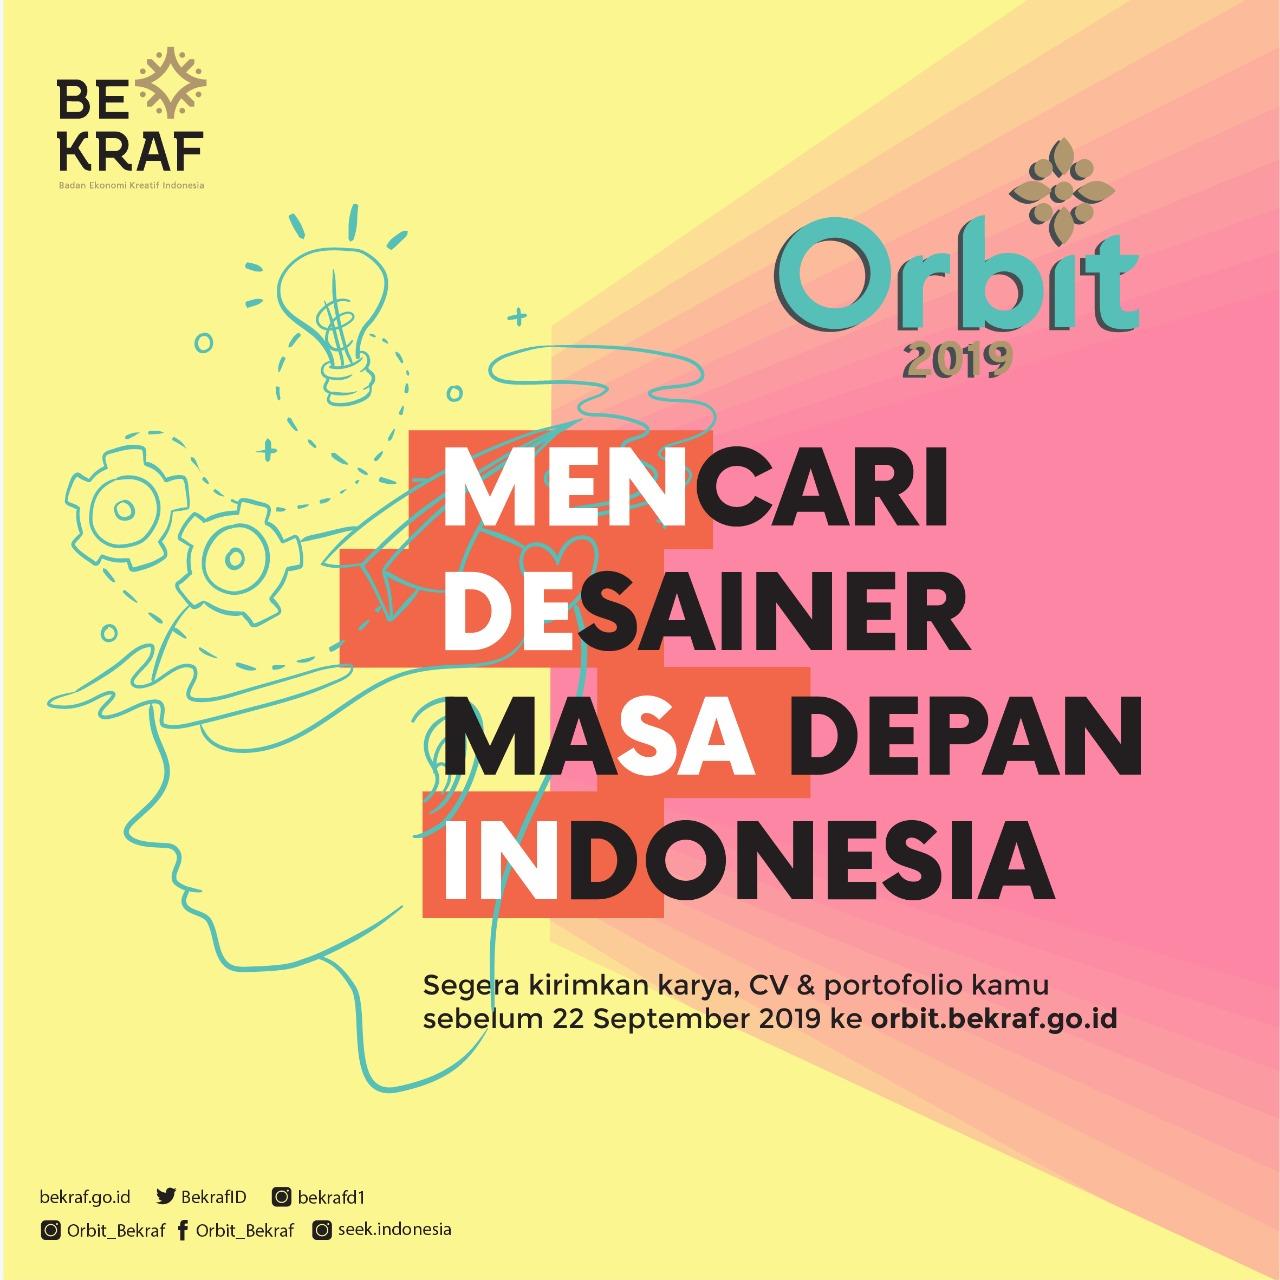 Dicari Desainer Masa Depan Indonesia